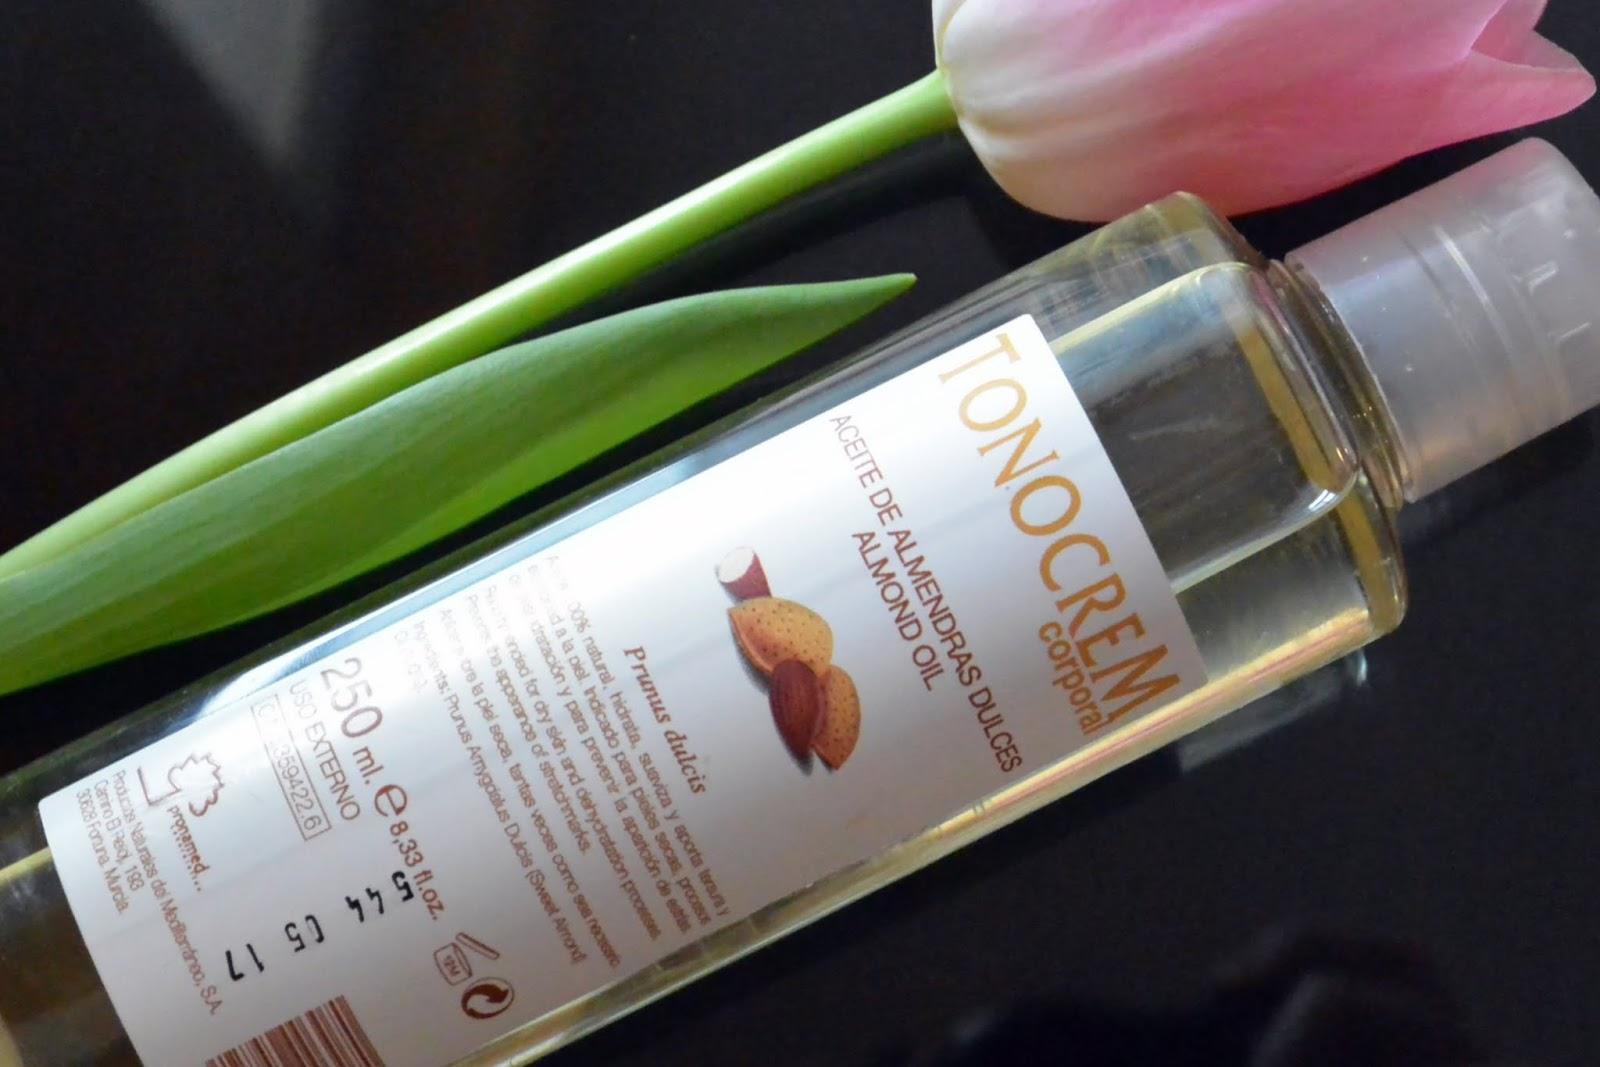 O tym jak olej migdałowy okazał się być doskonałym i niezastąpionym wszechstronnym kosmetykiem :)